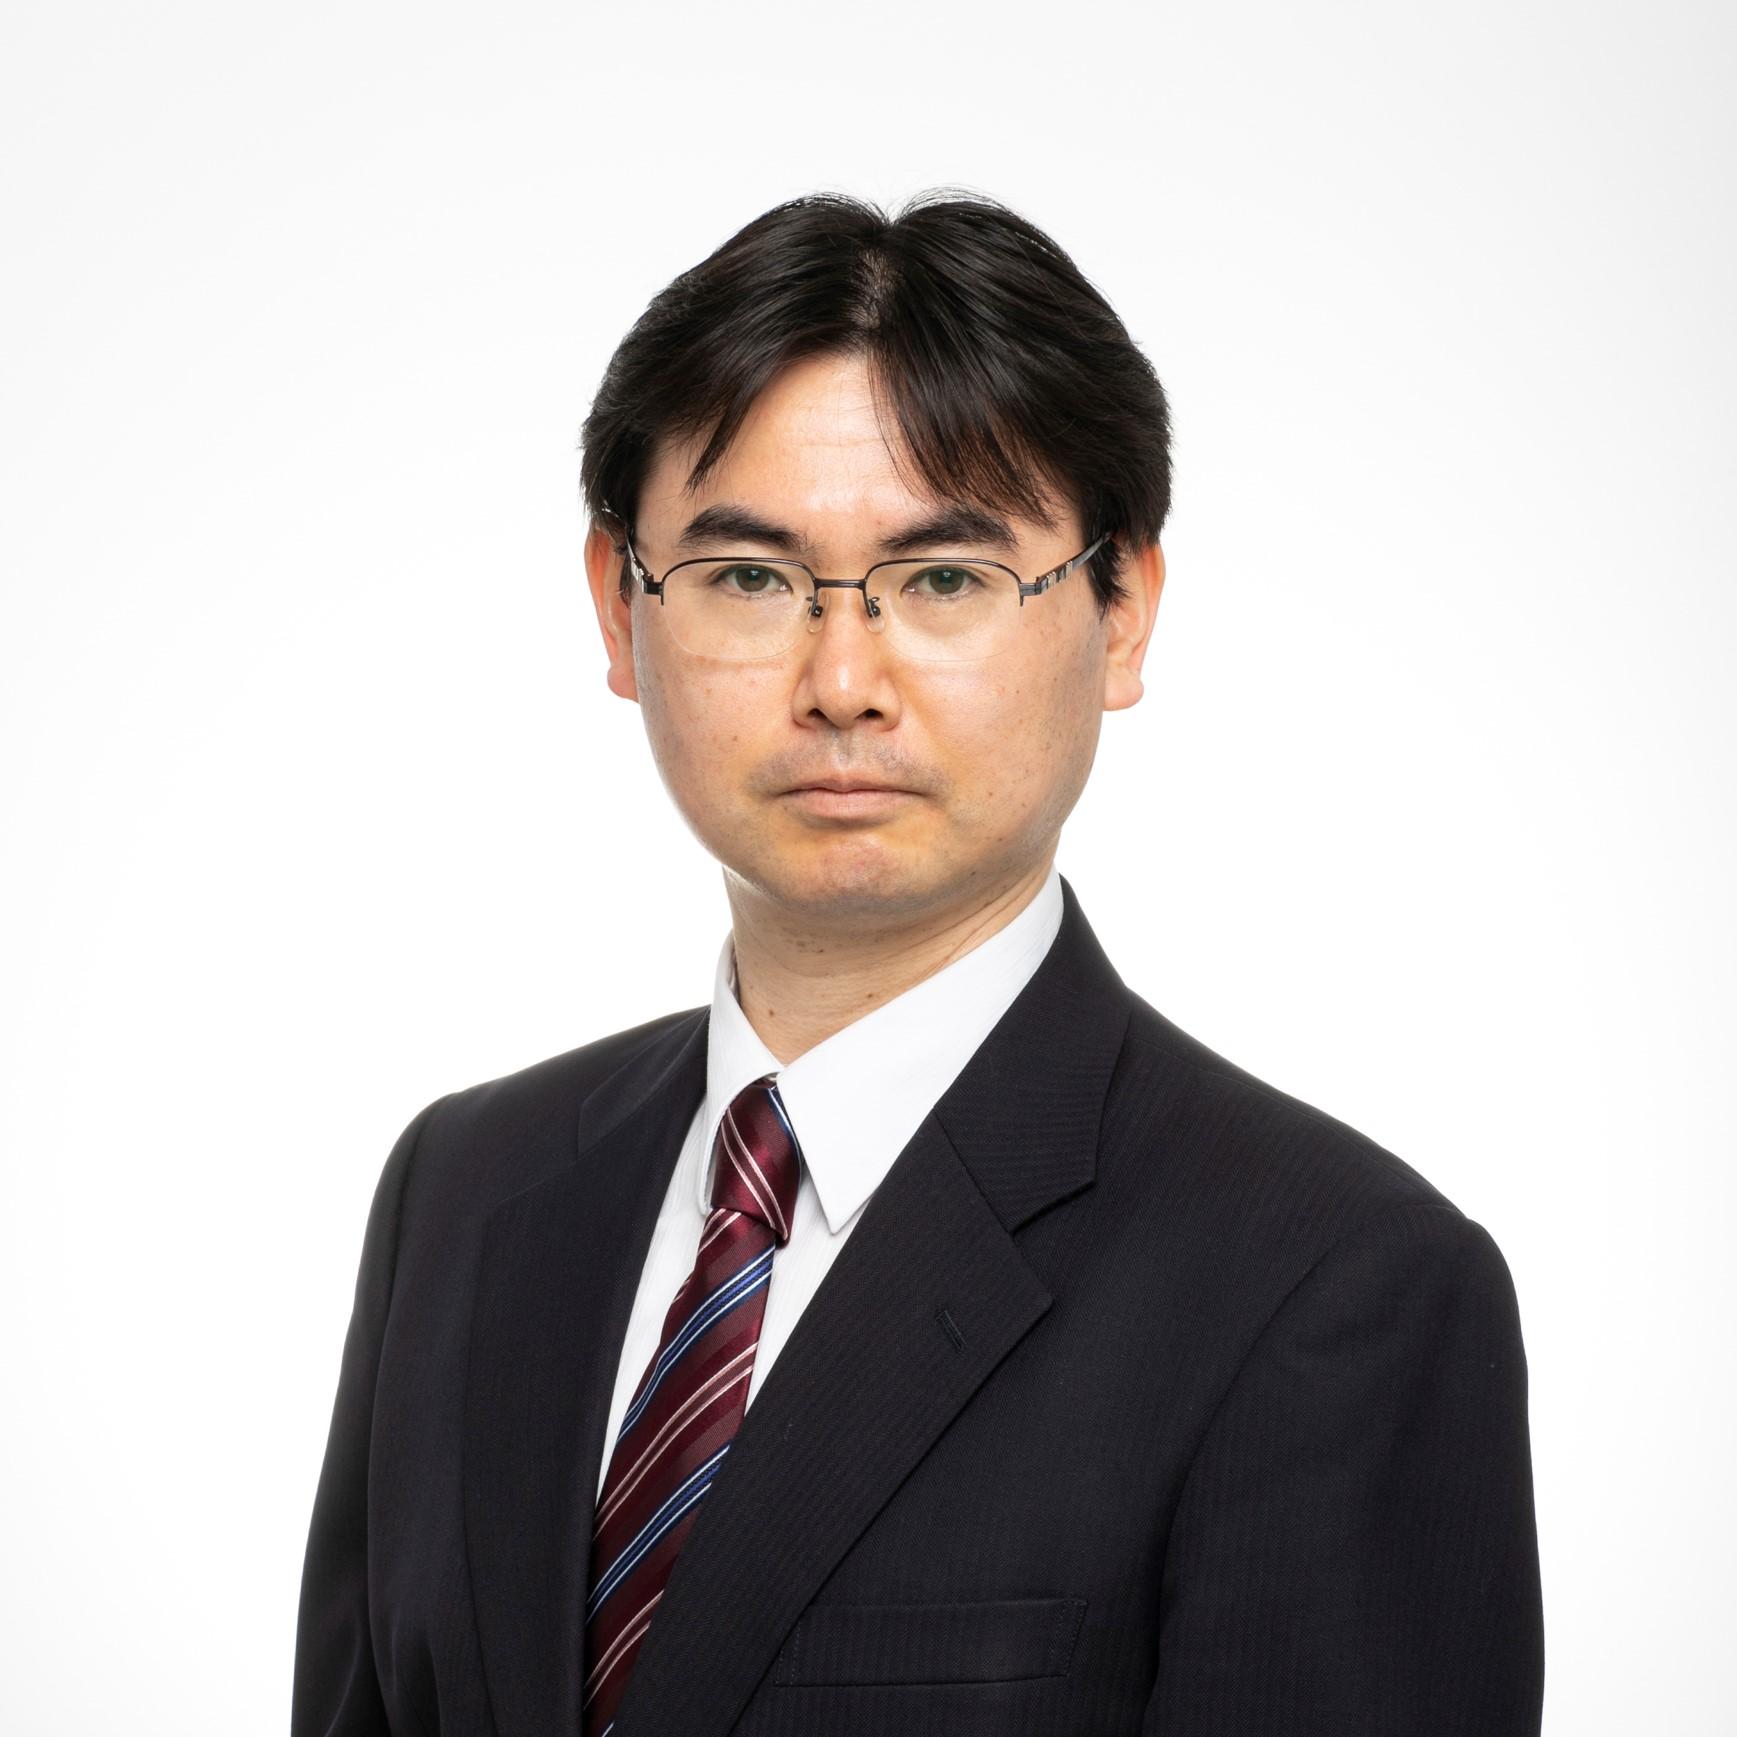 Hidekatsu Sato